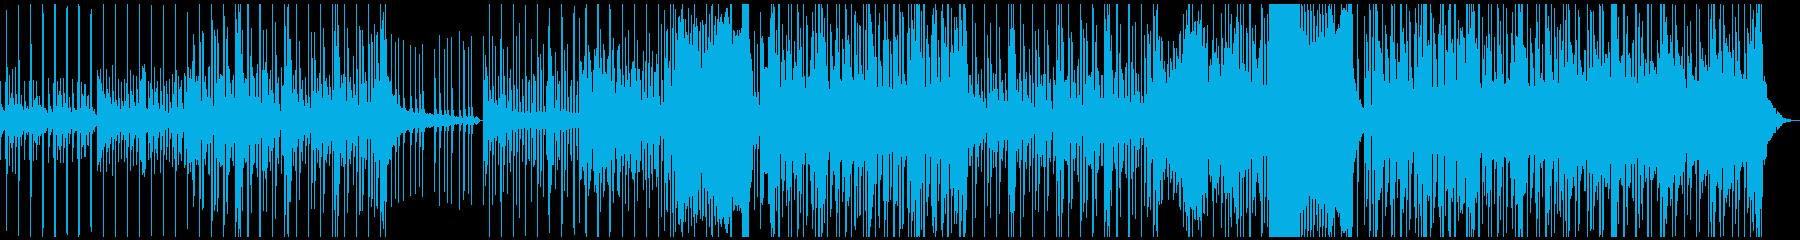 人気のある電子機器 レトロ ギャン...の再生済みの波形